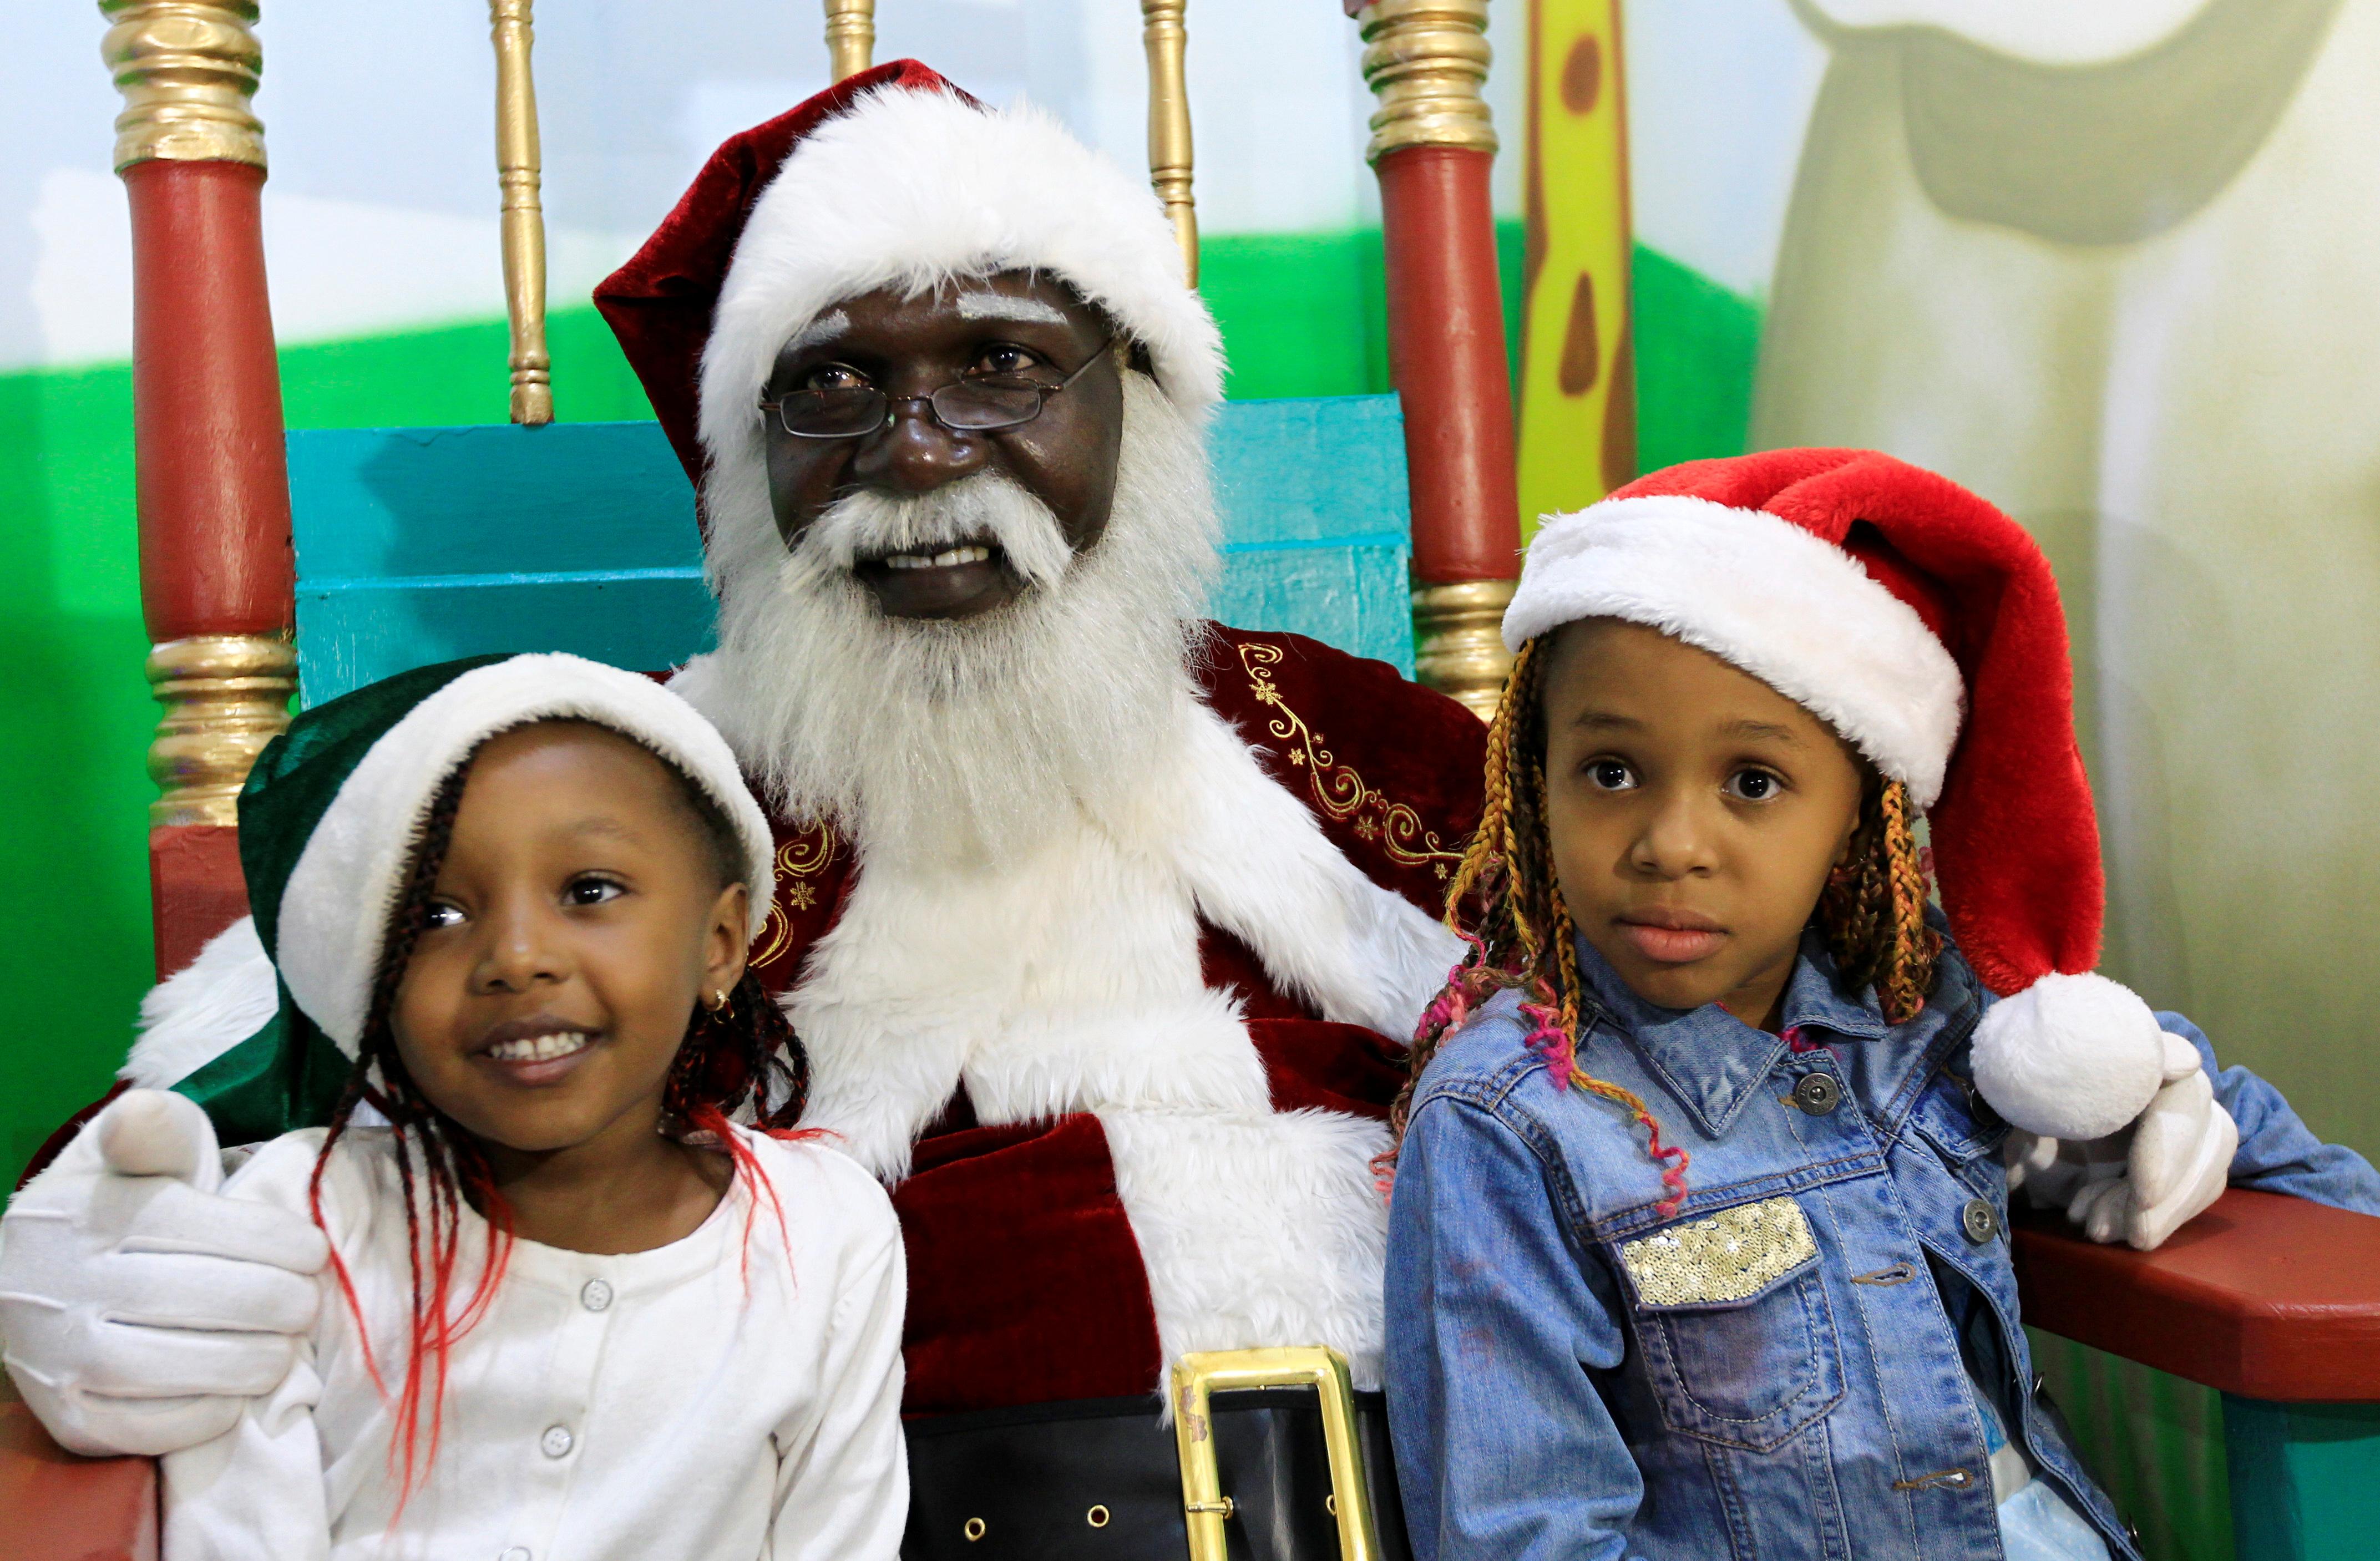 El Papá Noel africano Zedekiah Miyare, de 56 años, posa para una fotografía con niños en un centro comercial antes de Navidad en Nairobi, Kenia, 21 de diciembre de 2019 (Reuters/ Njeri Mwangi)